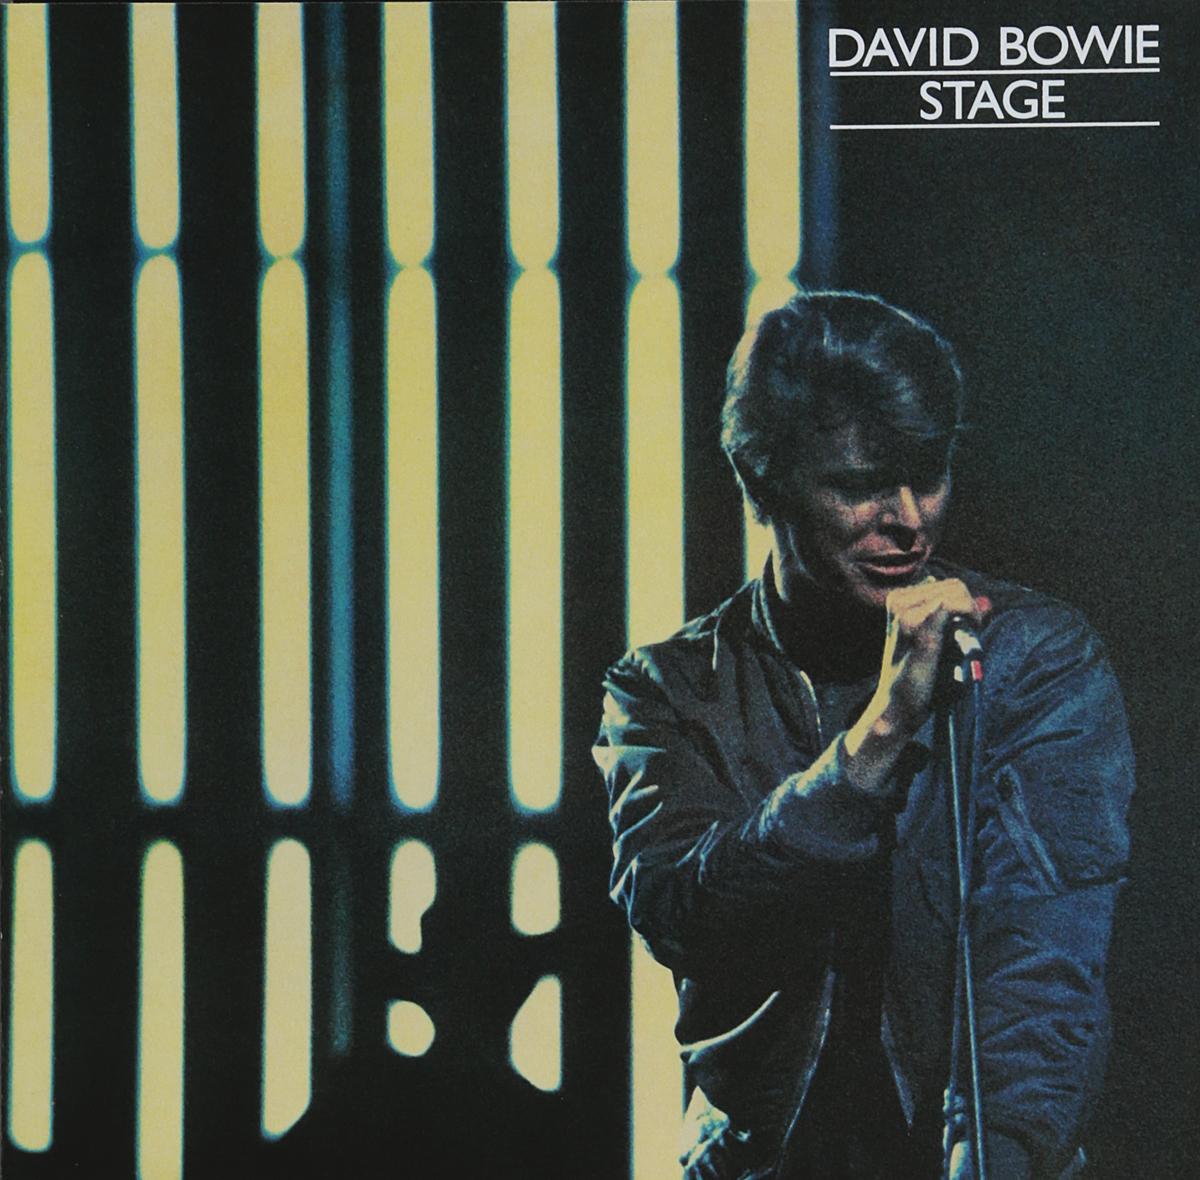 Дэвид Боуи David Bowie. Stage (2 CD) david bowie blackstar cd